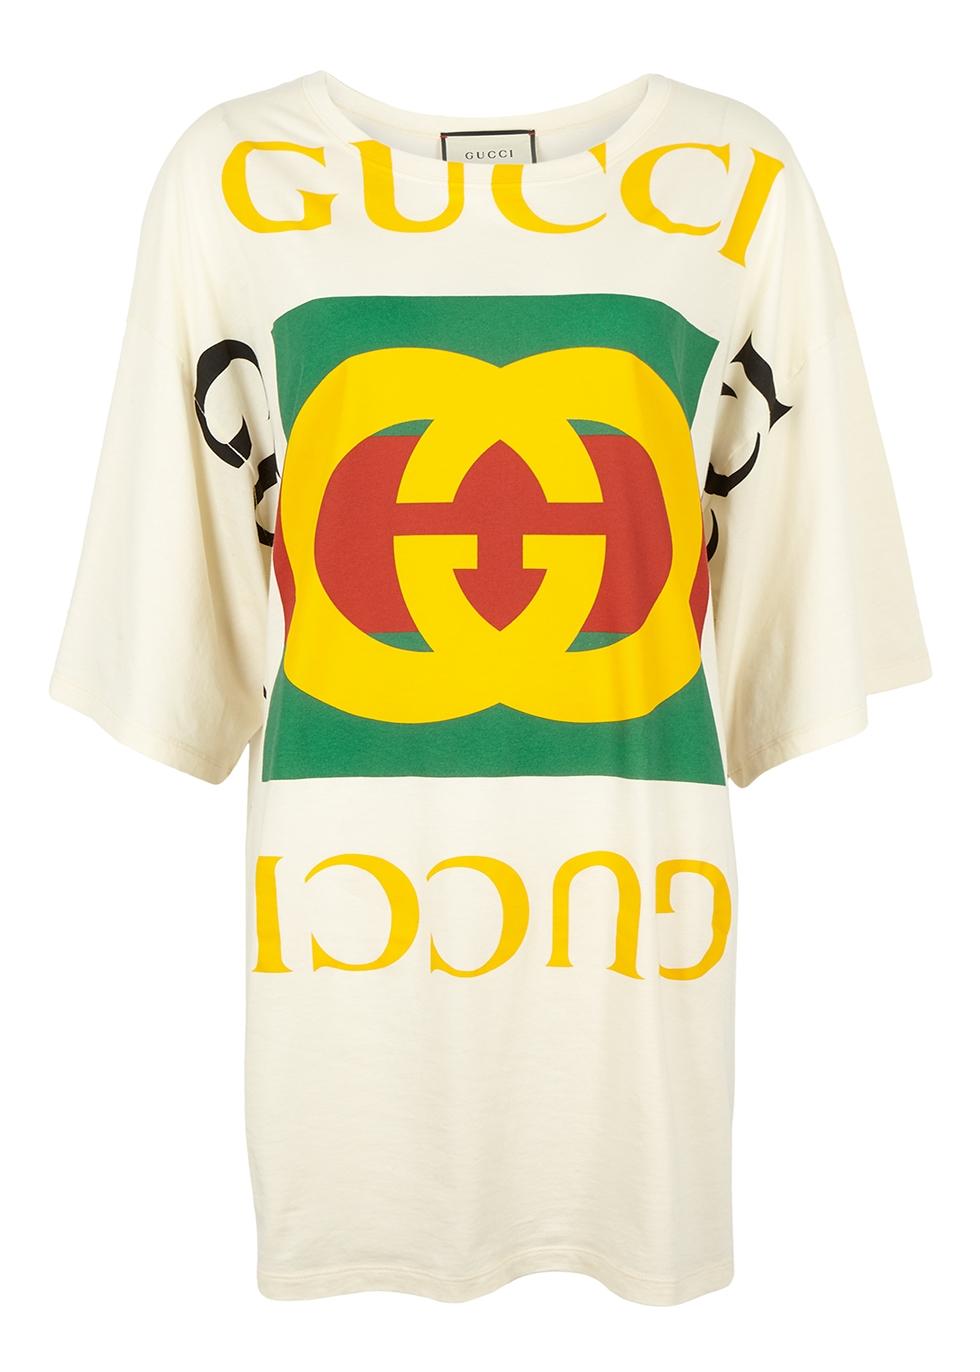 7a8020e9 Gucci - Designer Clothes - Harvey Nichols